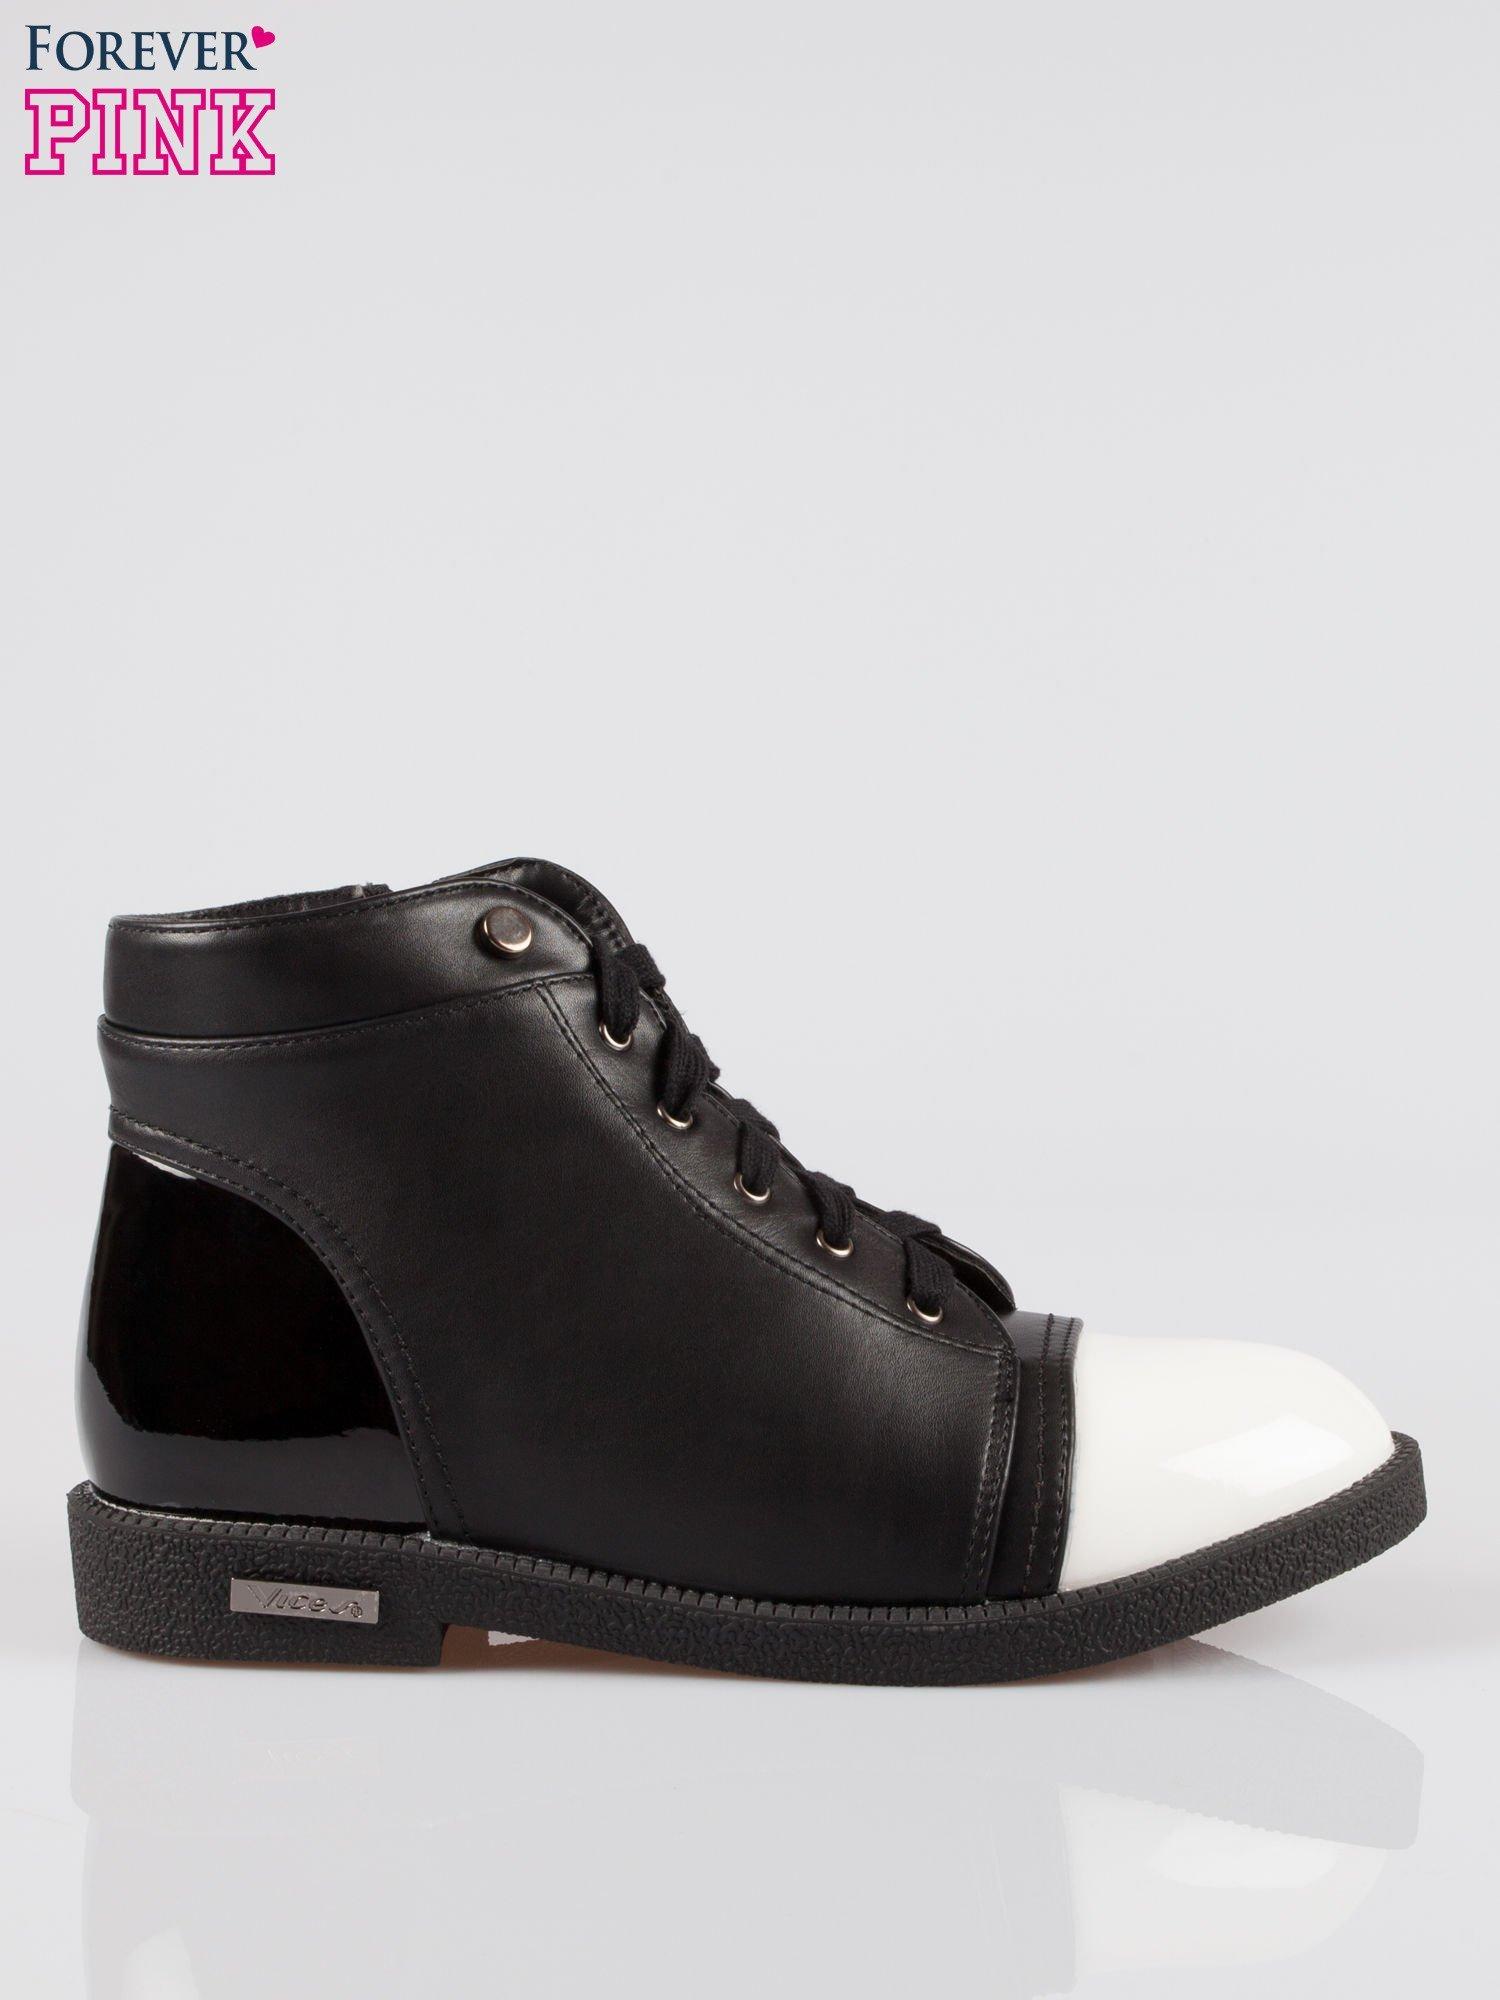 Czarne sznurowane botki damskie white cap toe                                  zdj.                                  1